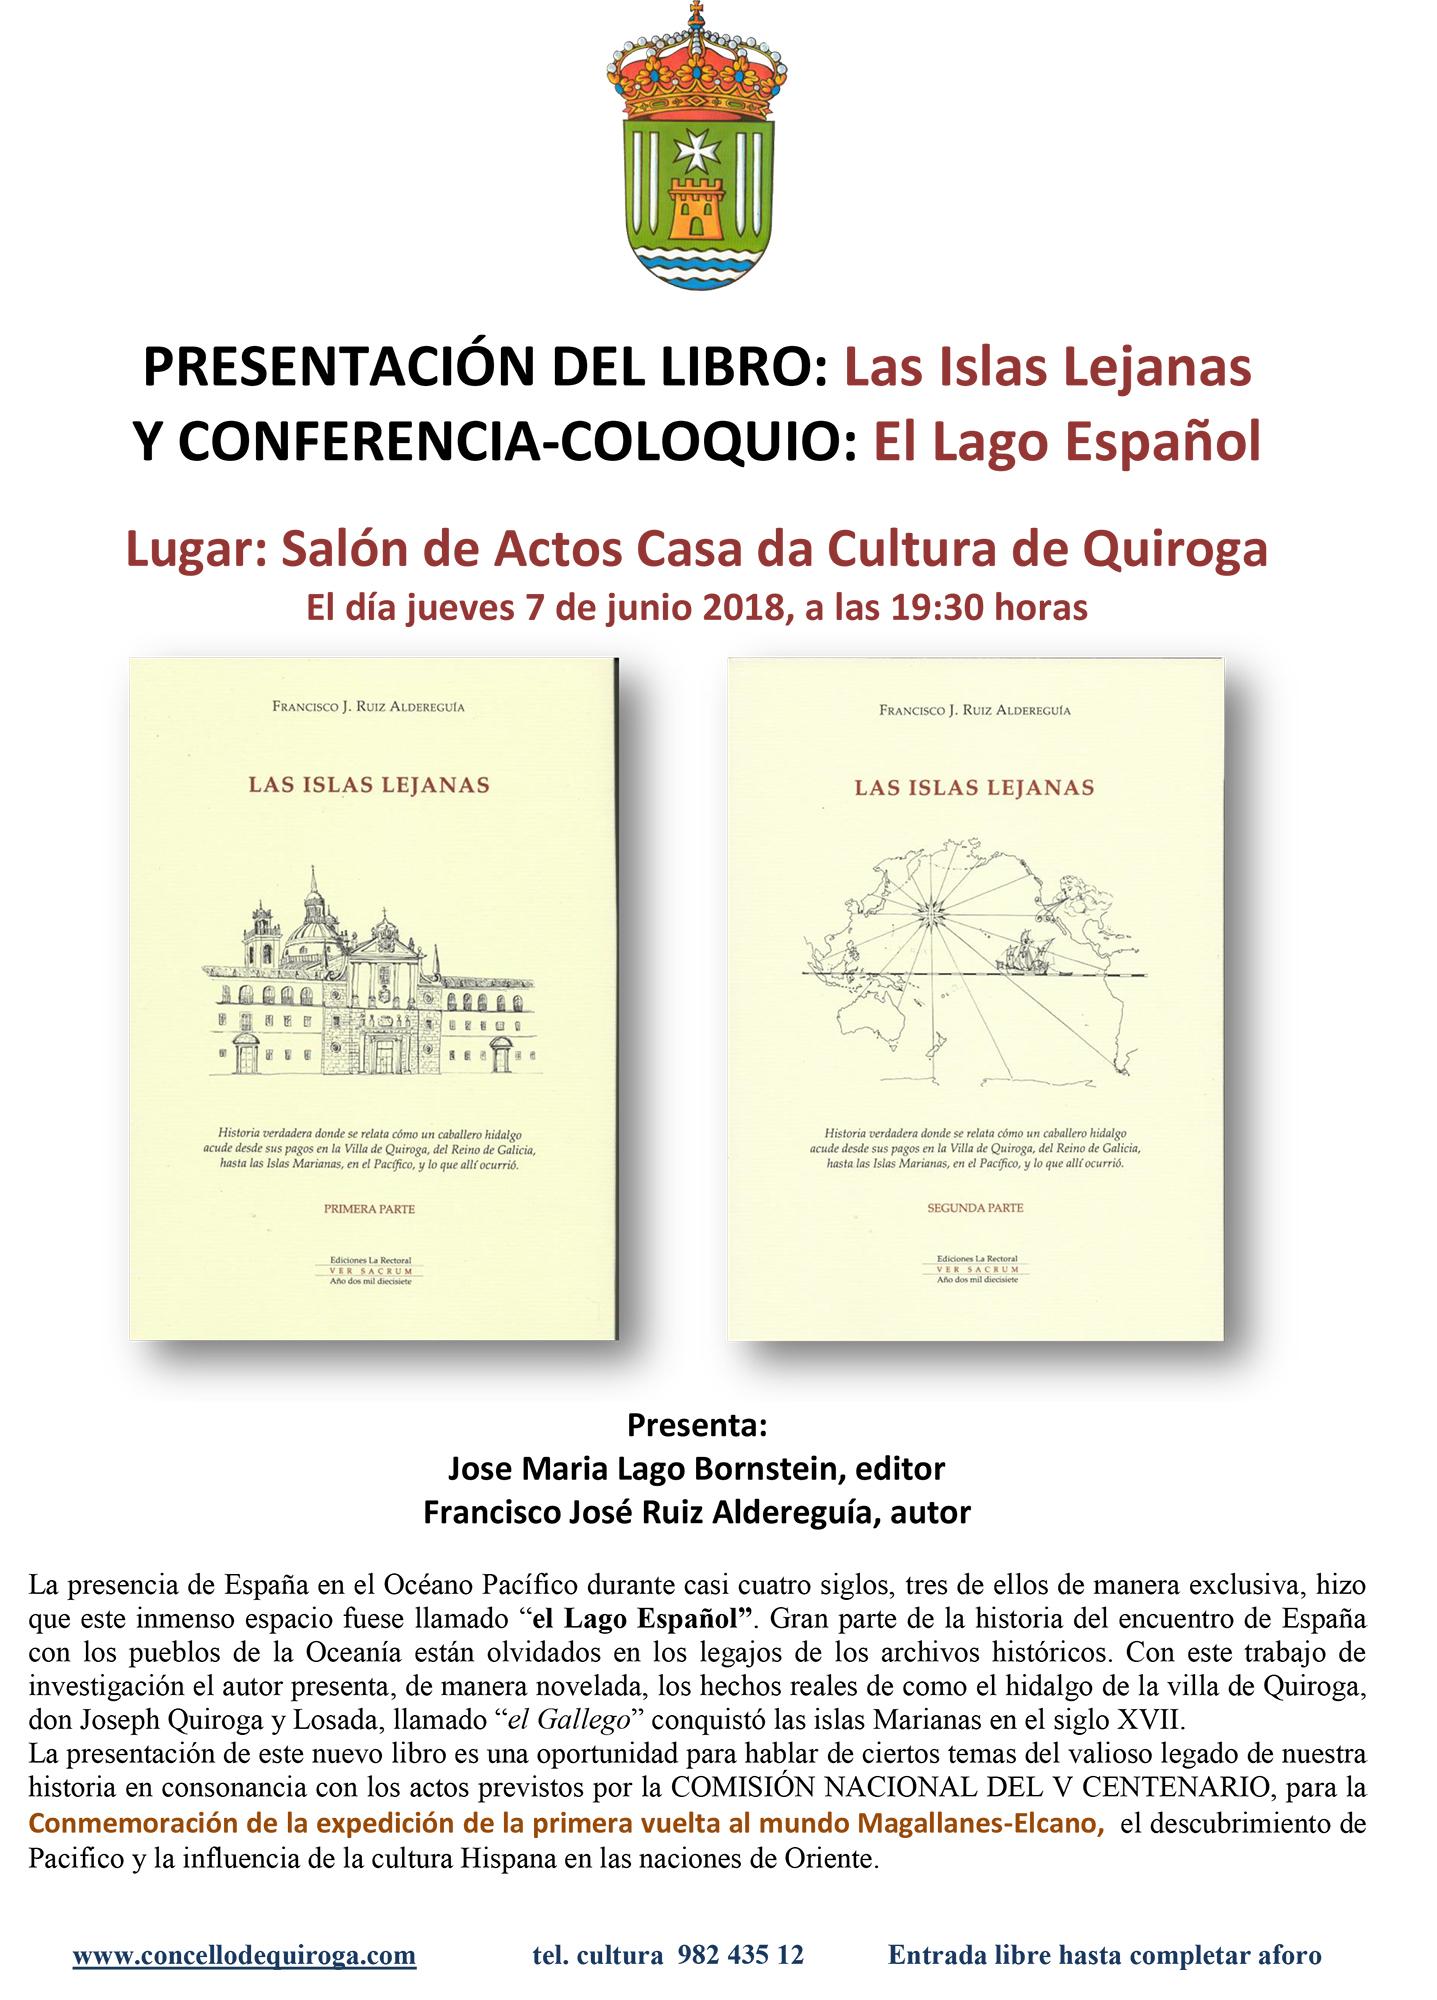 Presentación del libro «Las Islas Lejanas»